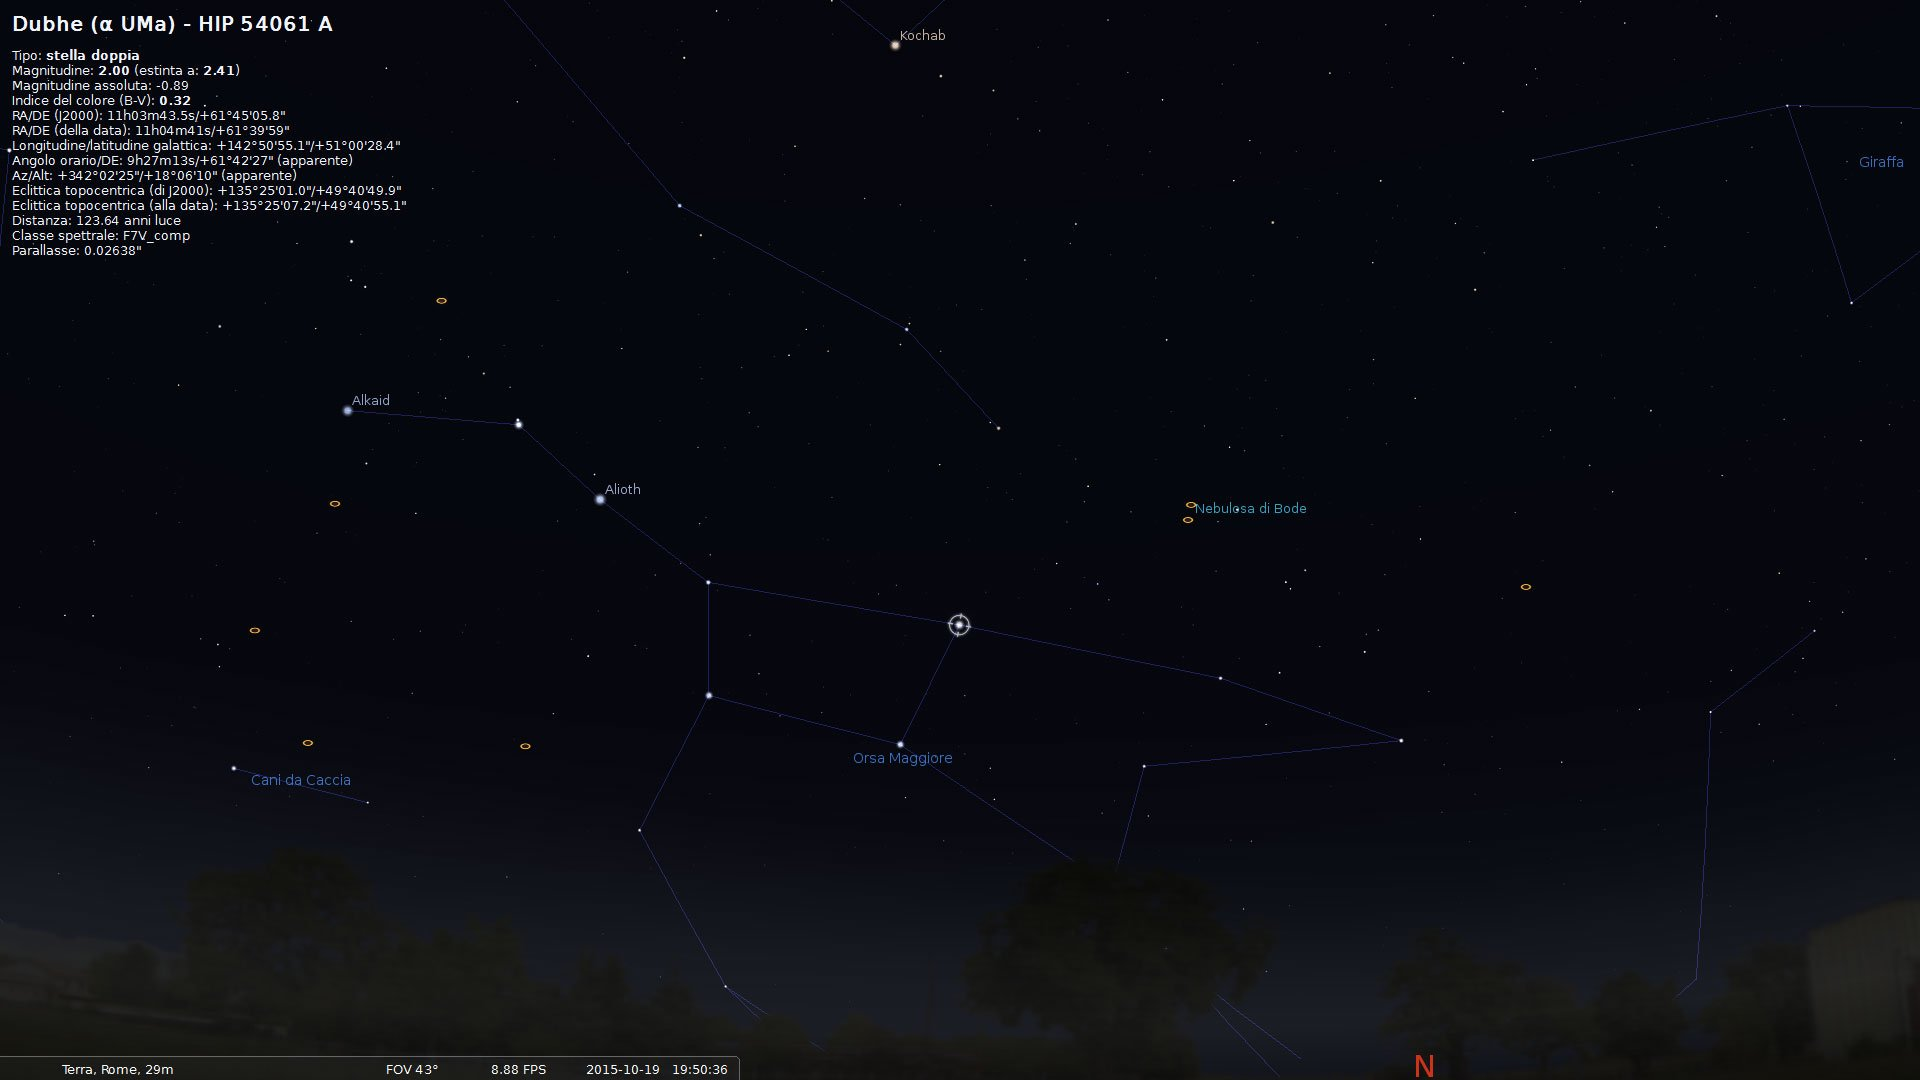 Come osservare la Galassia a Spirale M81